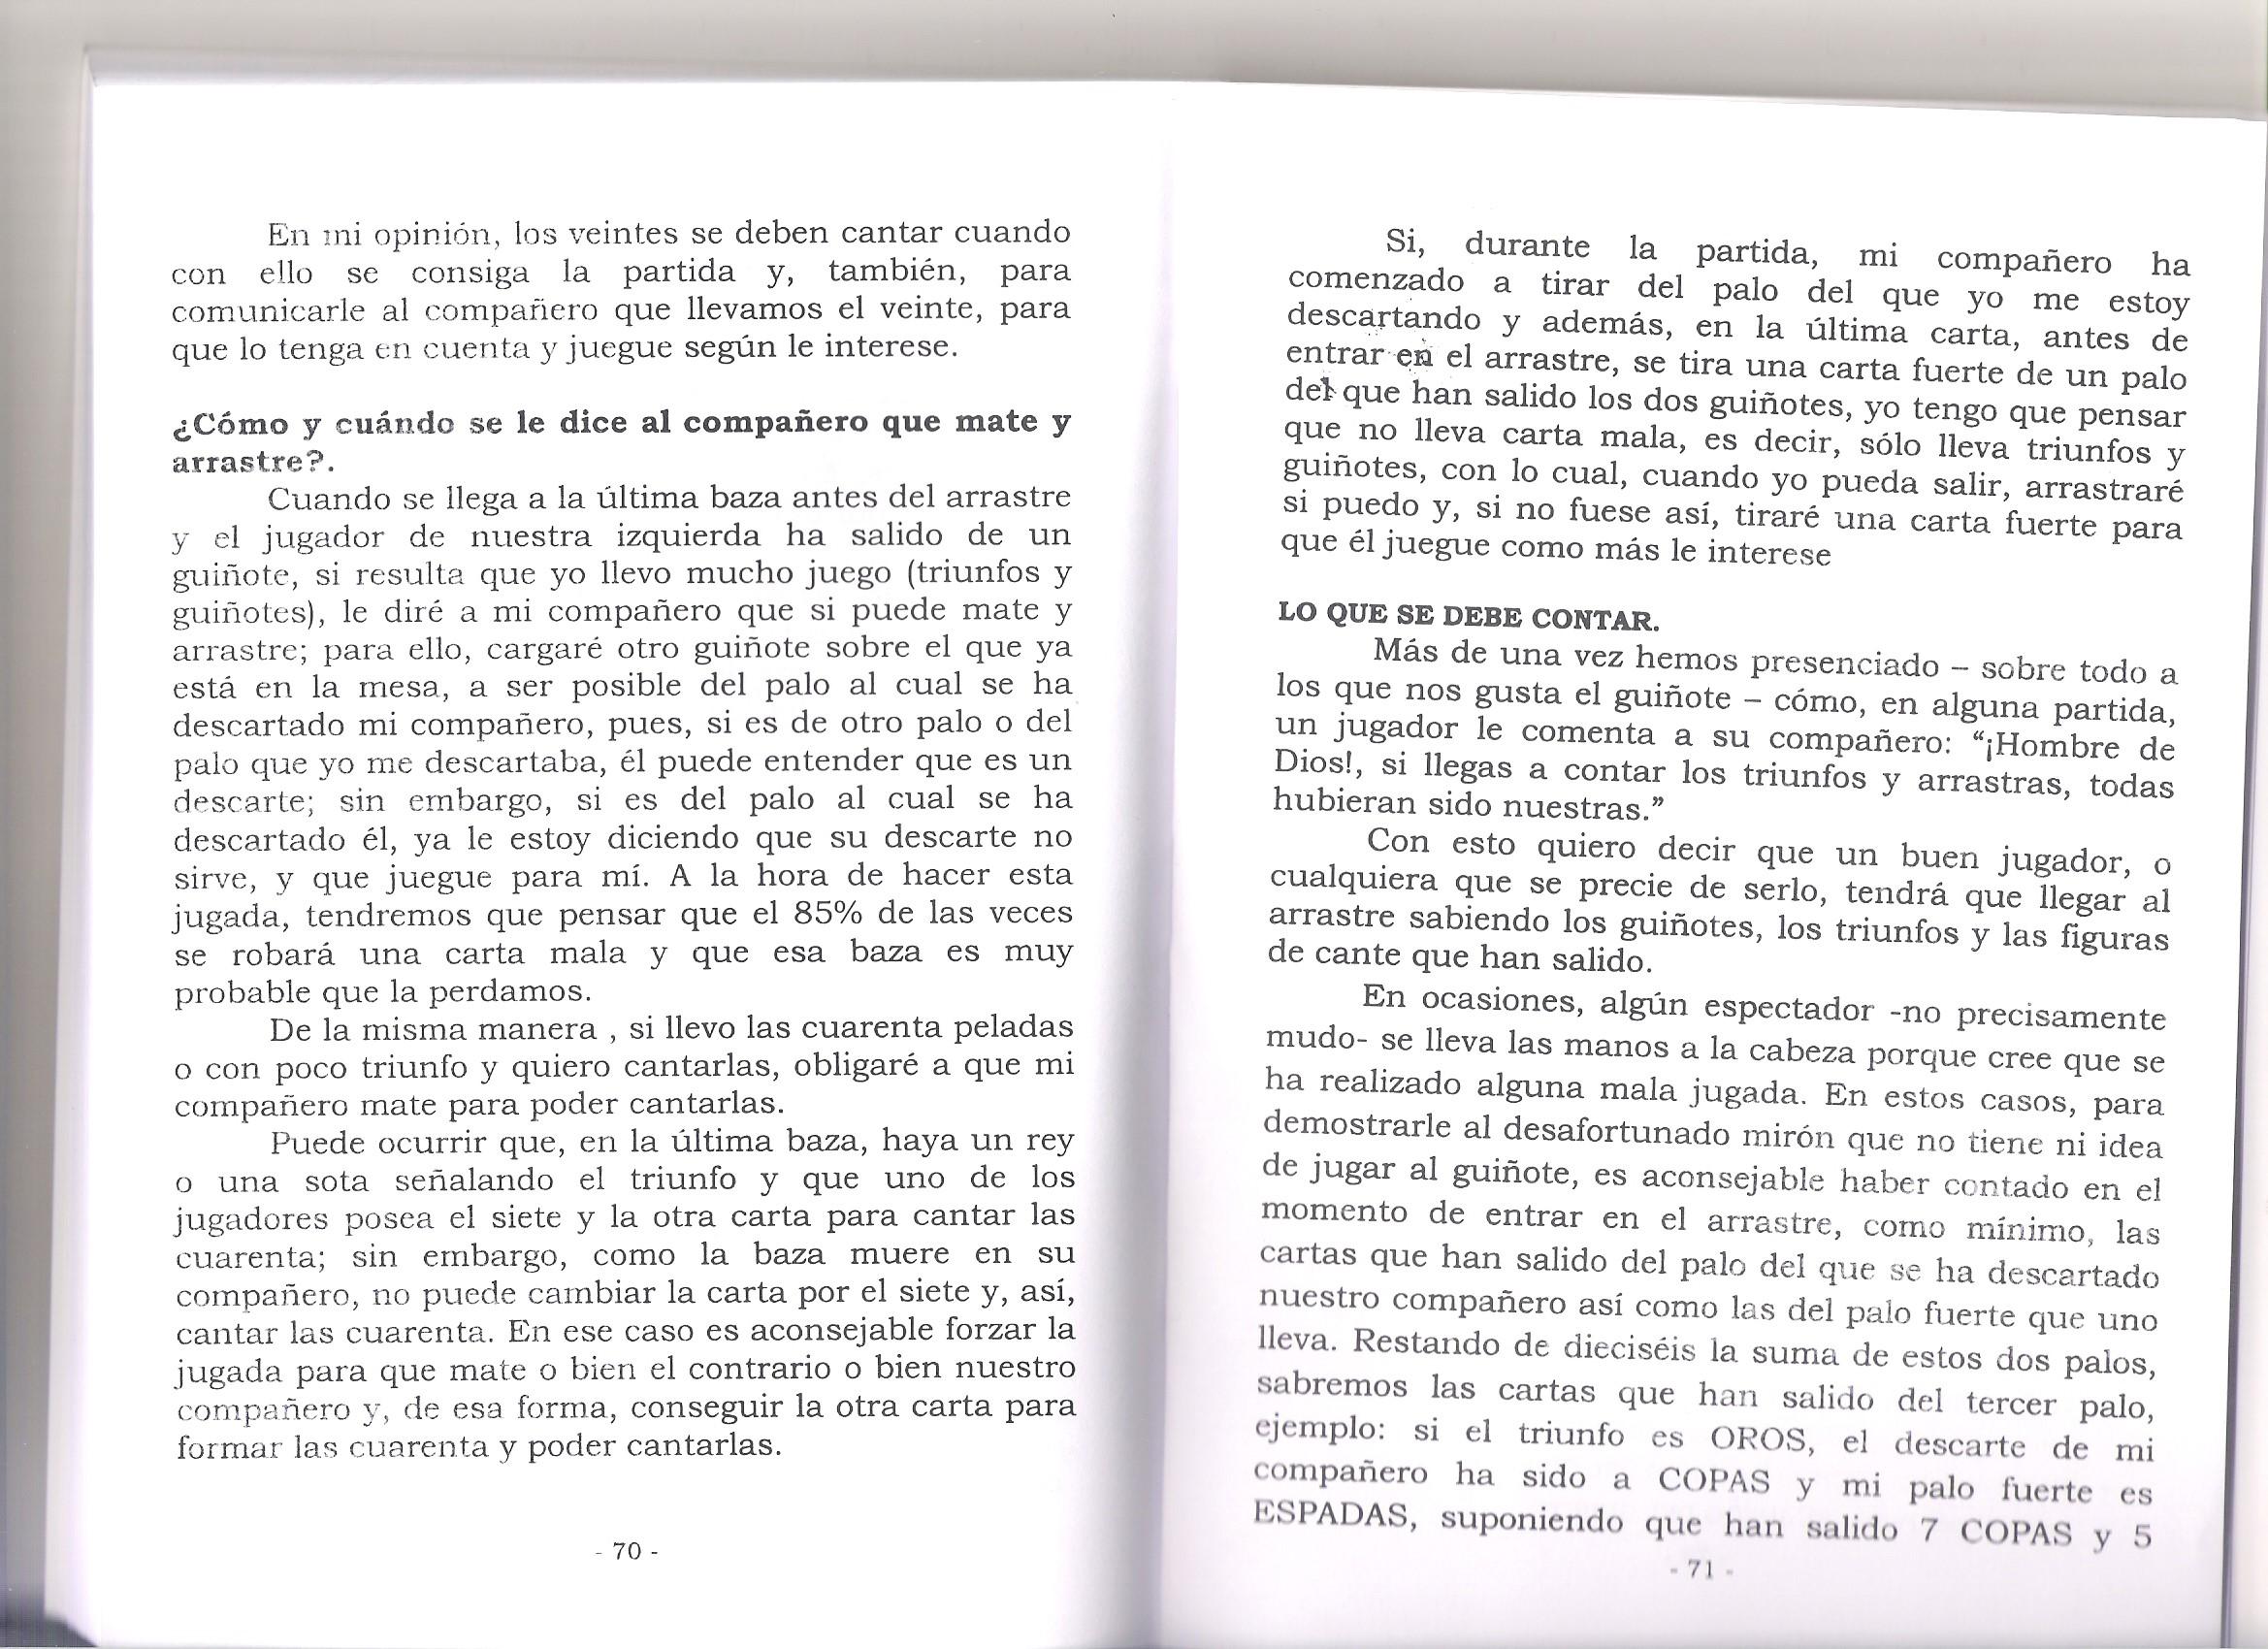 Pág 70-71